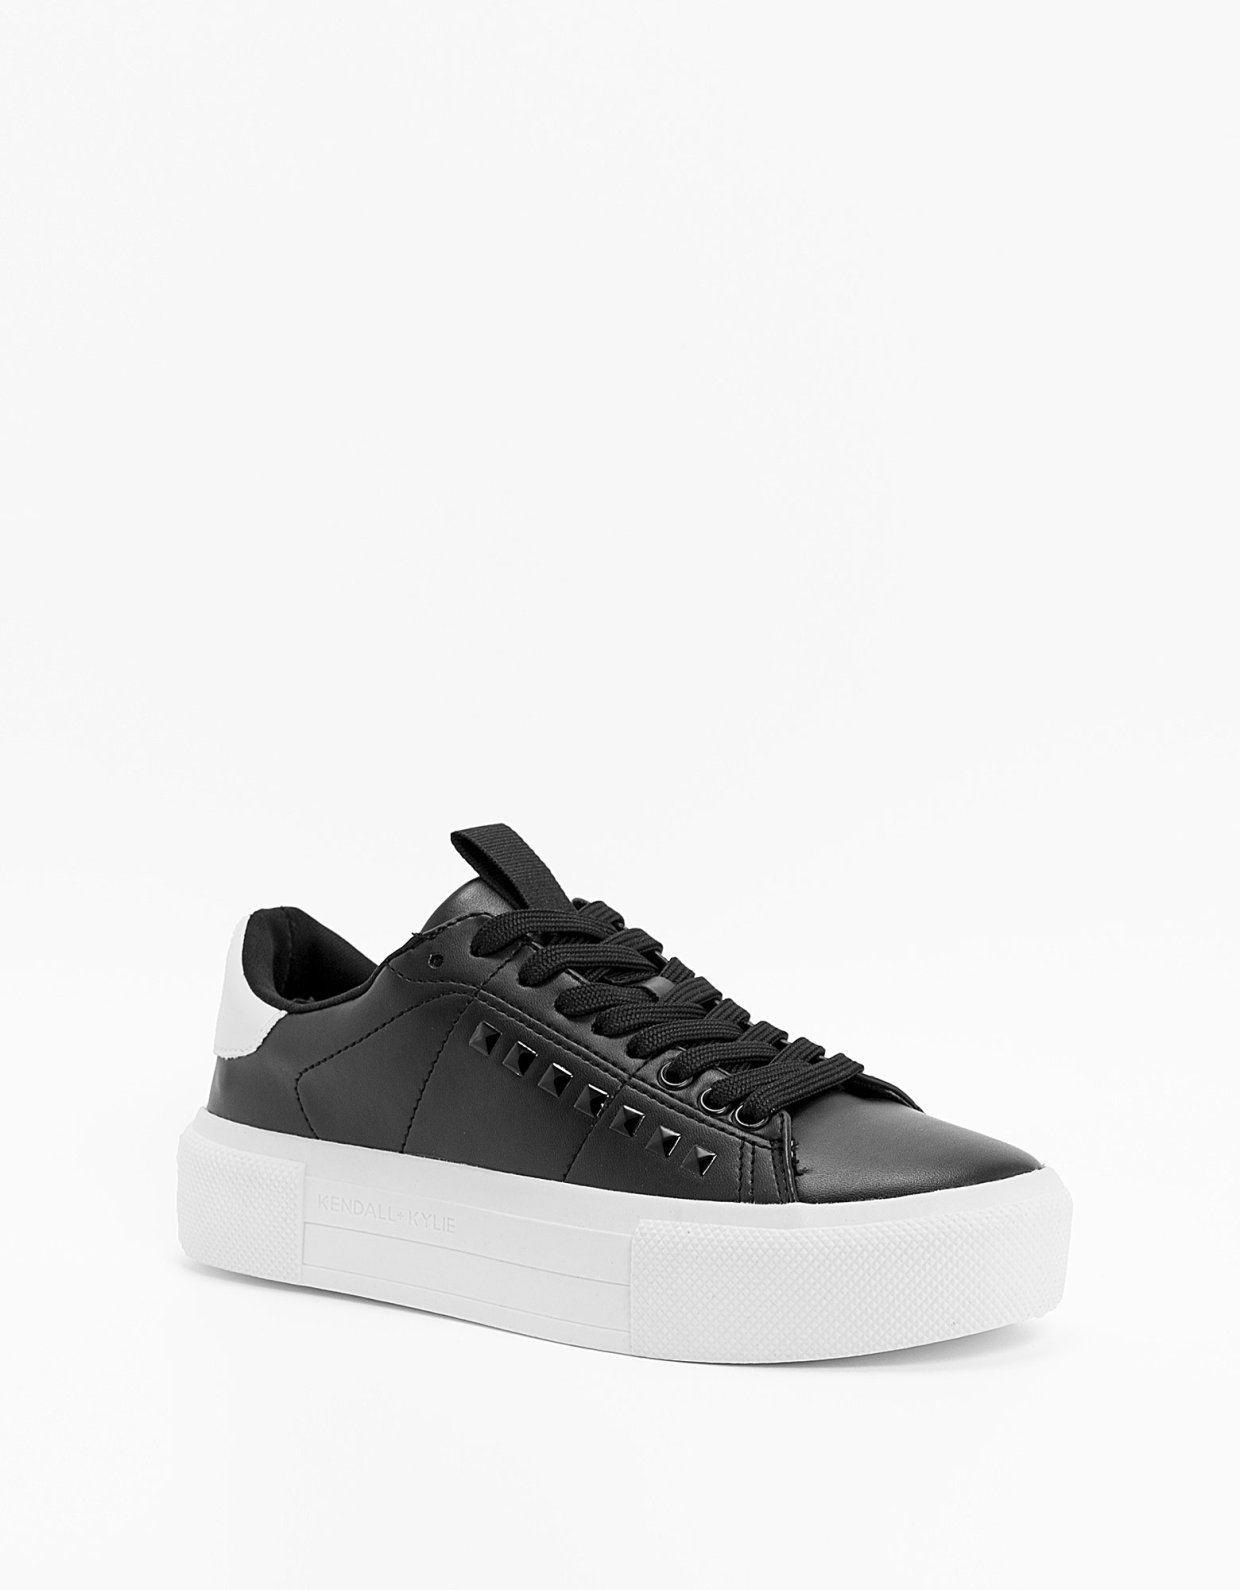 Kendall + Kylie Taren shoes black